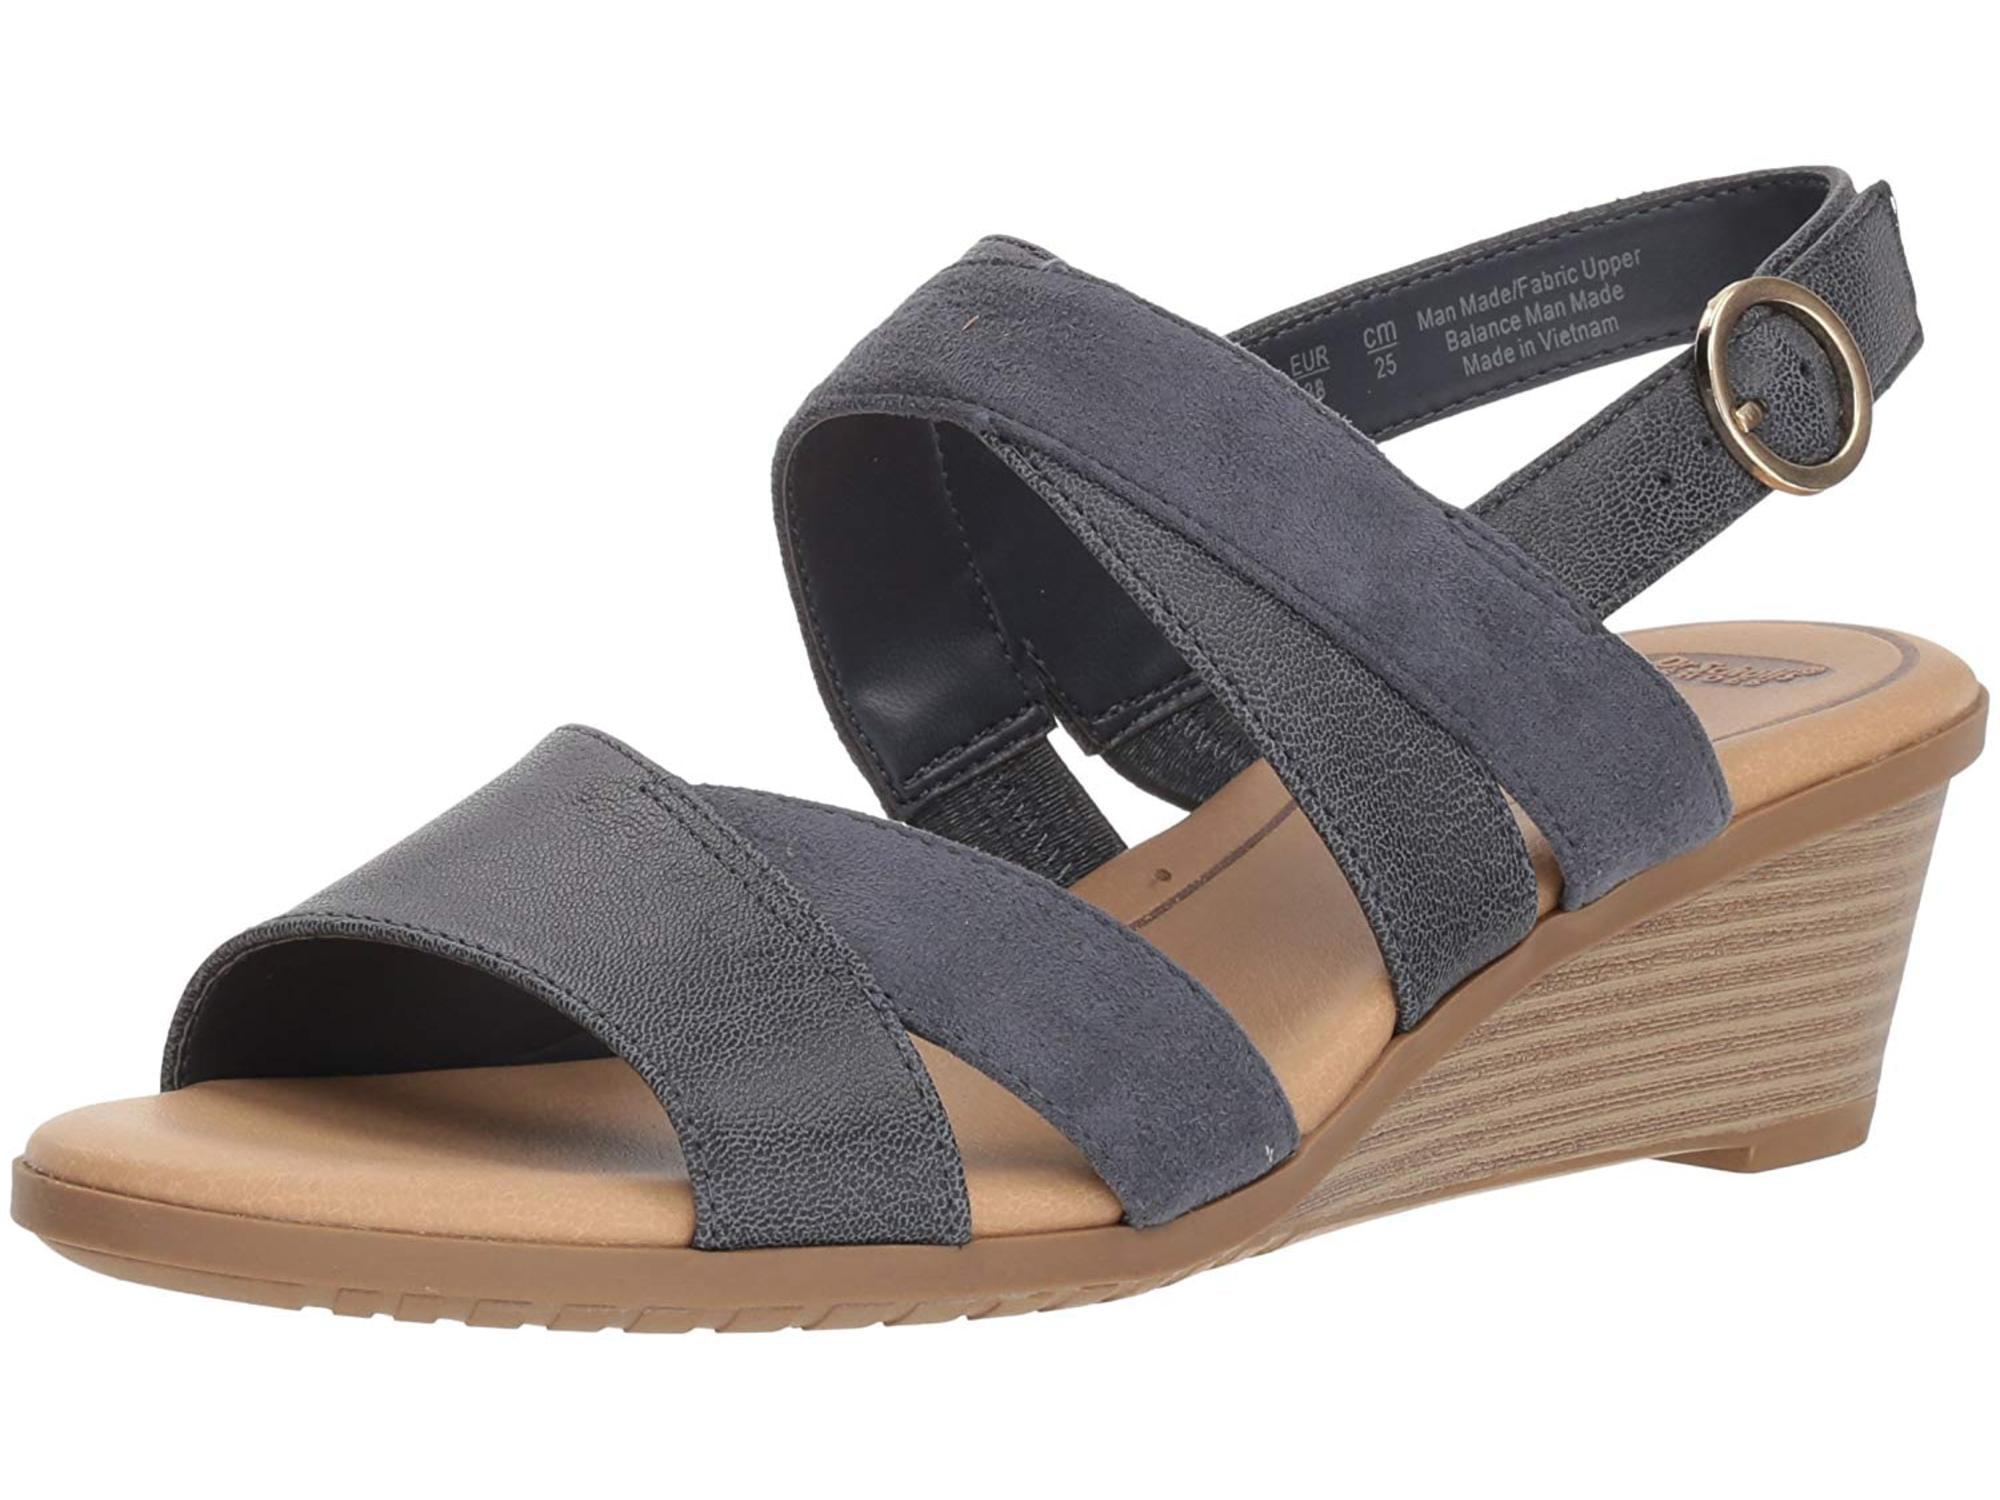 e92c35bf0c81 Dr. Scholl s Shoes